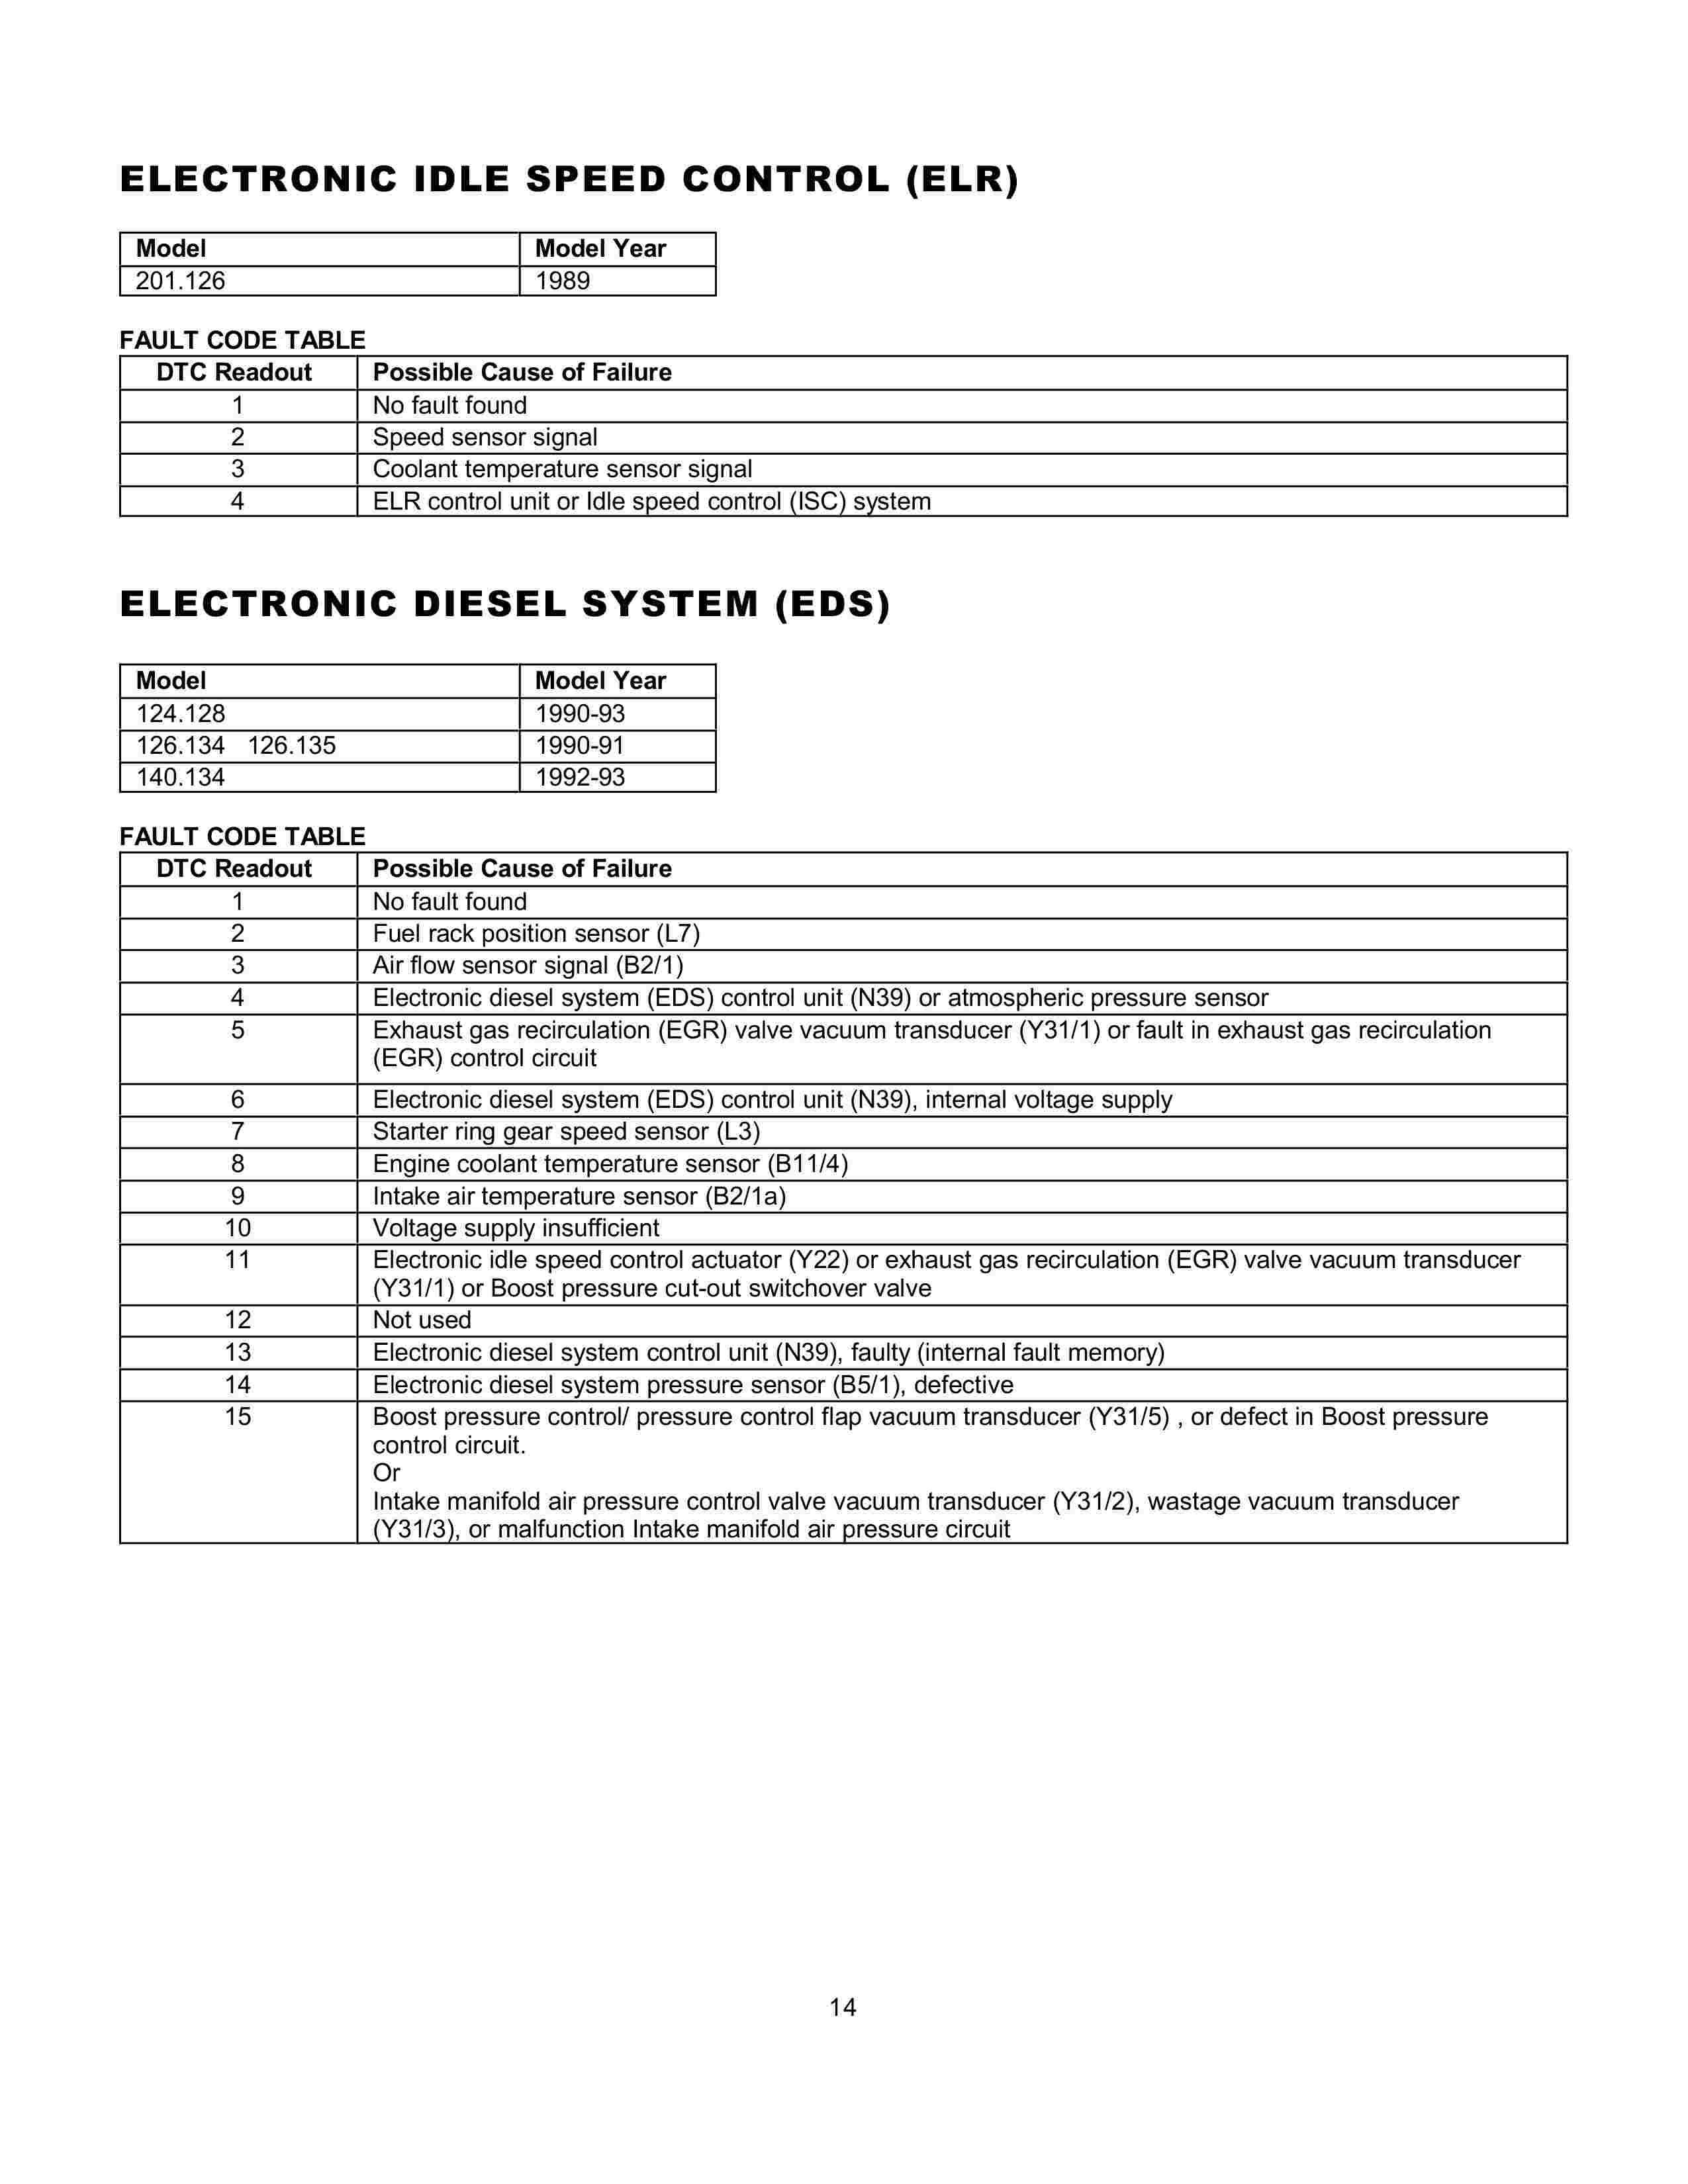 (AJUDA GERAL): Manual de códigos das falhas - analógico e digital - 1988 a 2000 001412